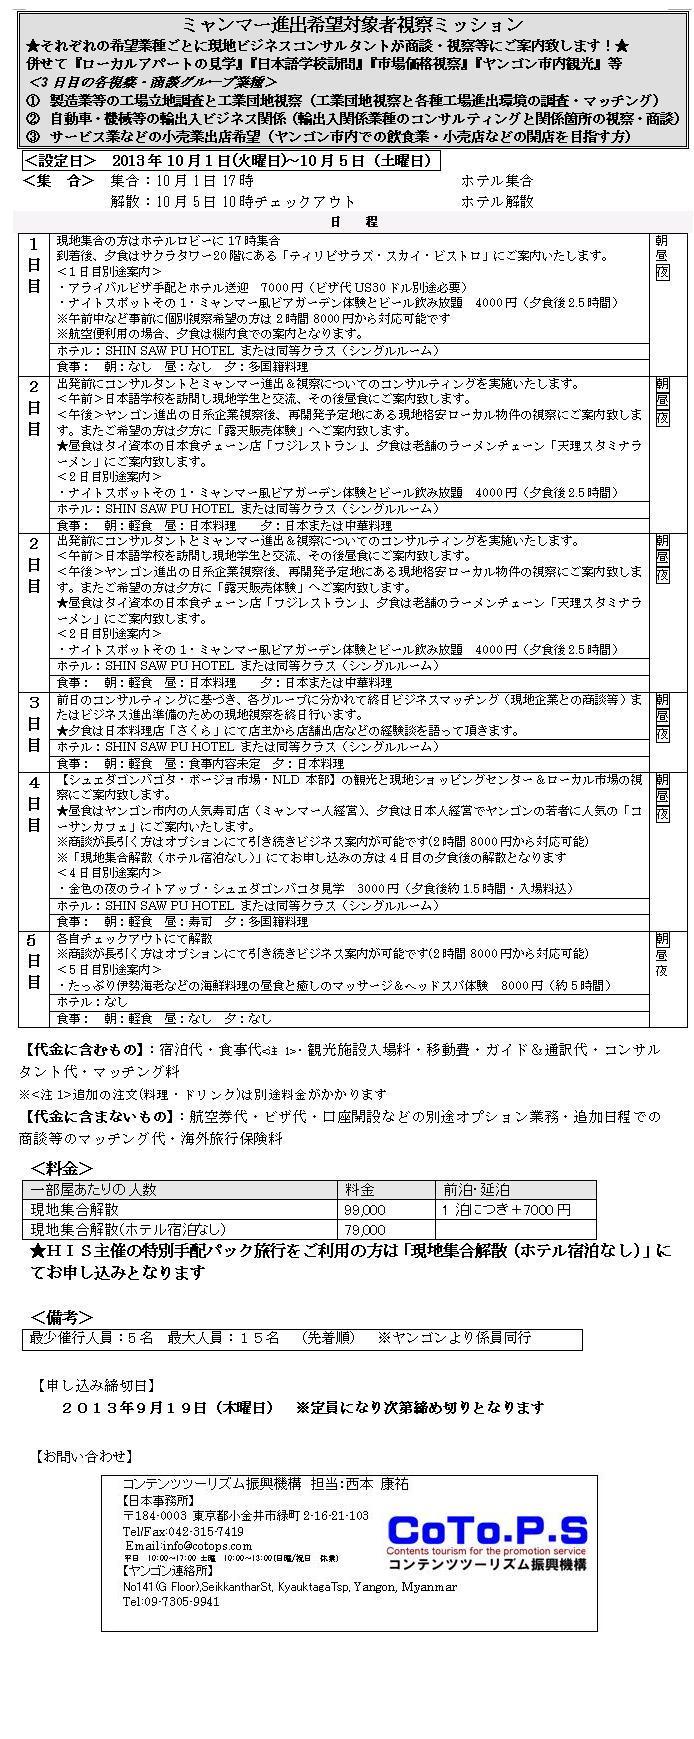 10月視察ミッション行程表